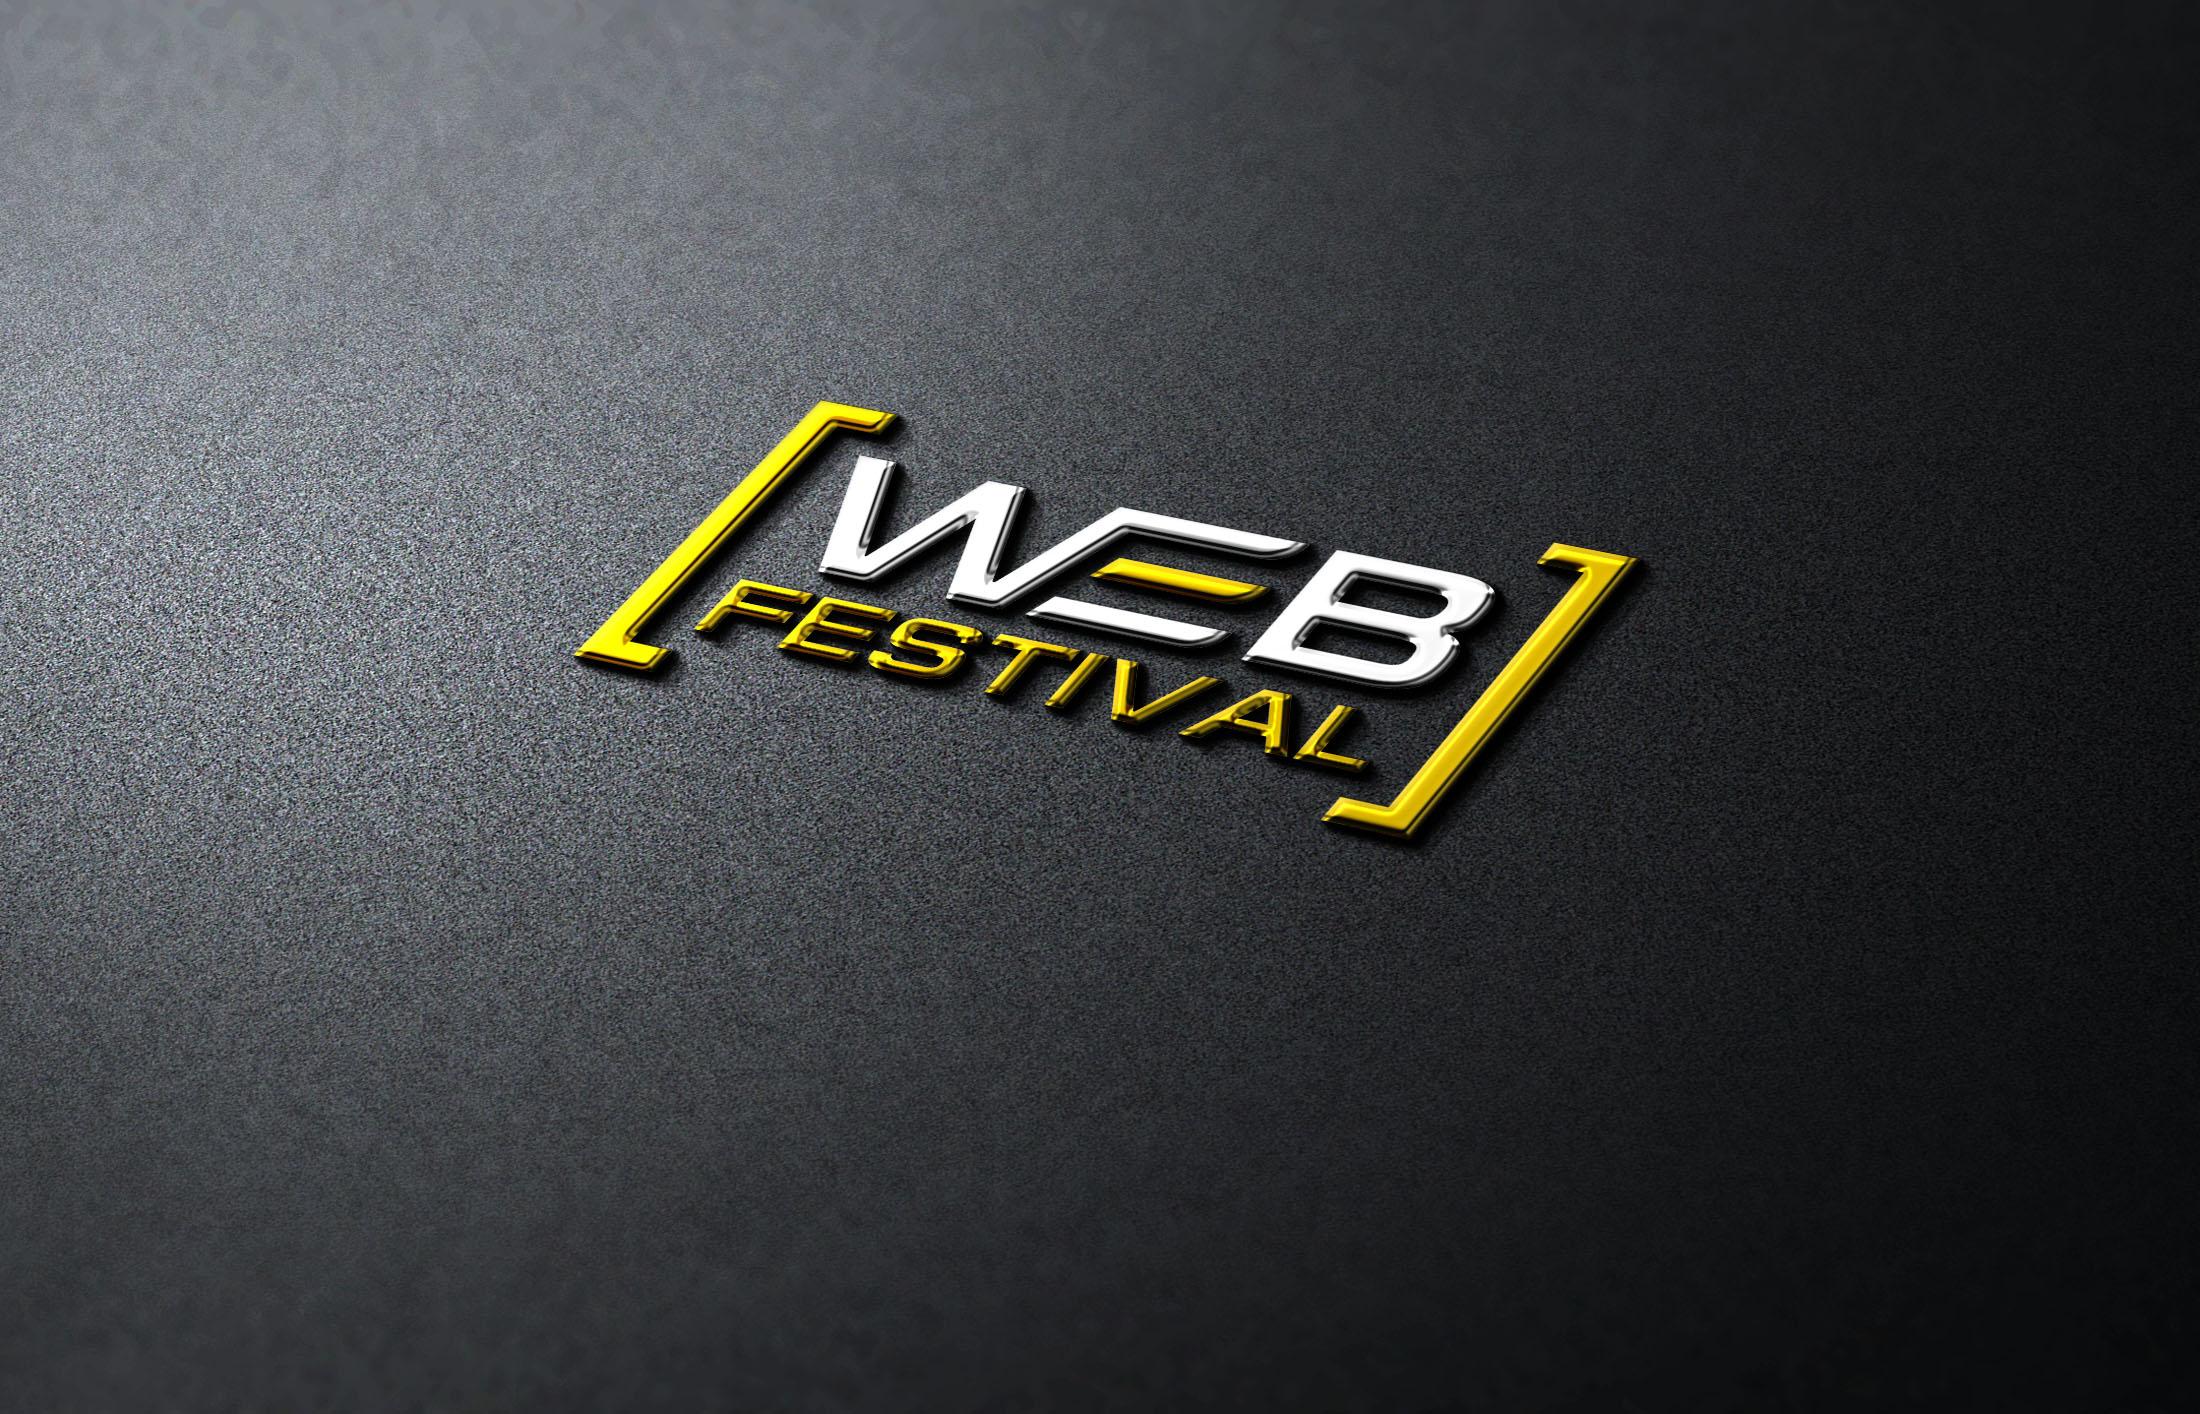 Разработка дизайна логотипа фото f_7995a8ad092c69c3.jpg